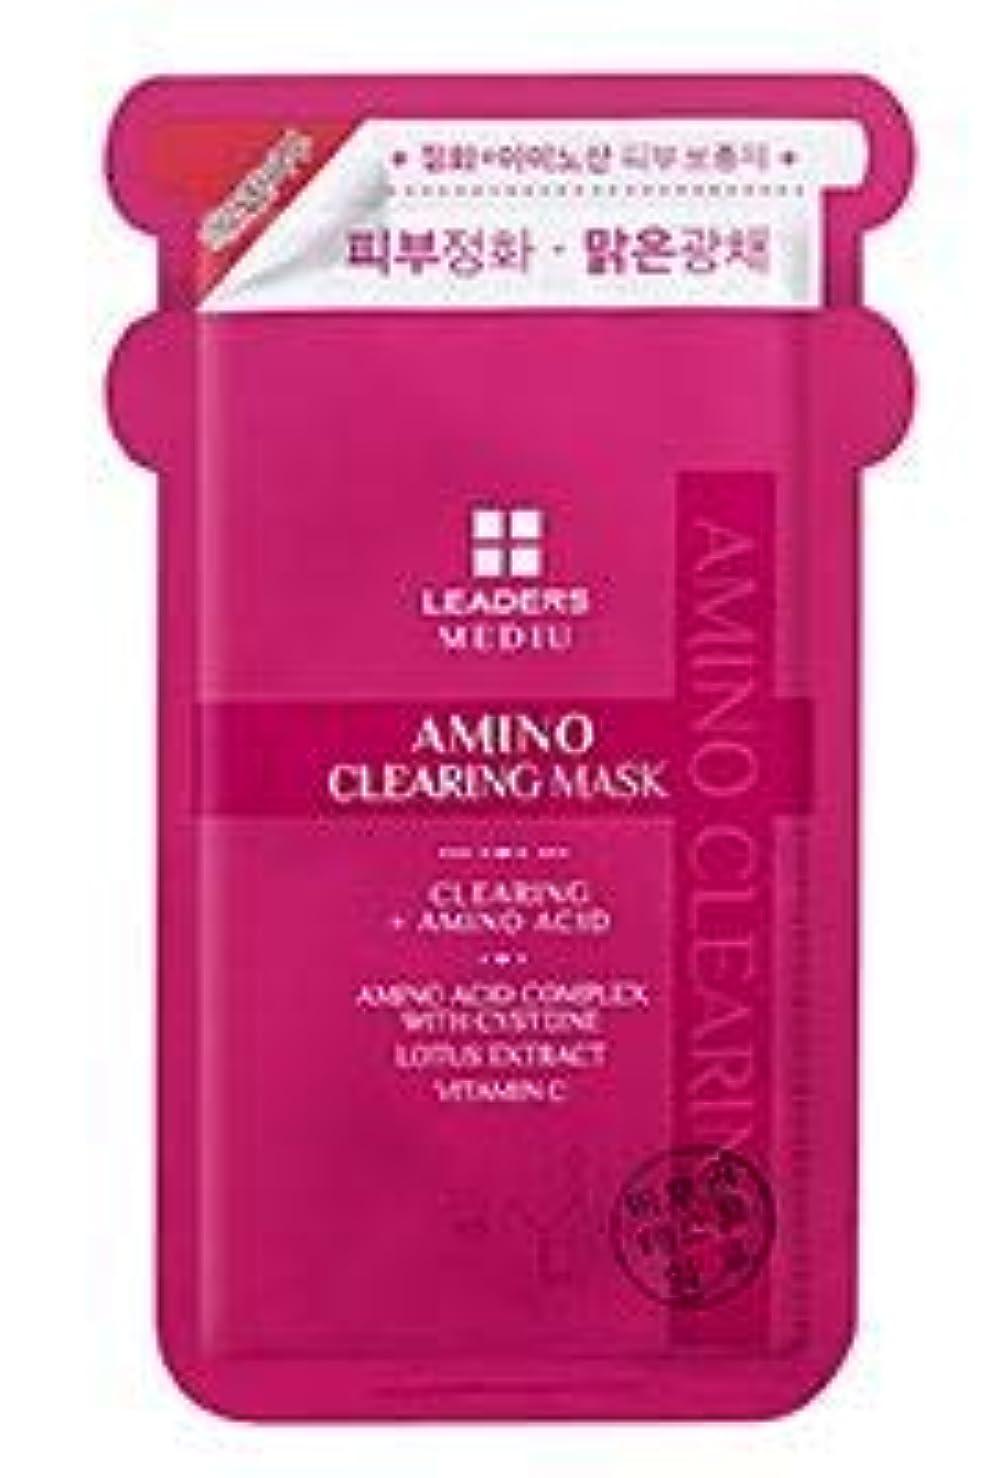 程度幹説明[LEADERS] MEDIU Amino Clearing Mask 25ml*10ea / リーダースアミノクリアリングマスク 25ml*10枚 [並行輸入品]